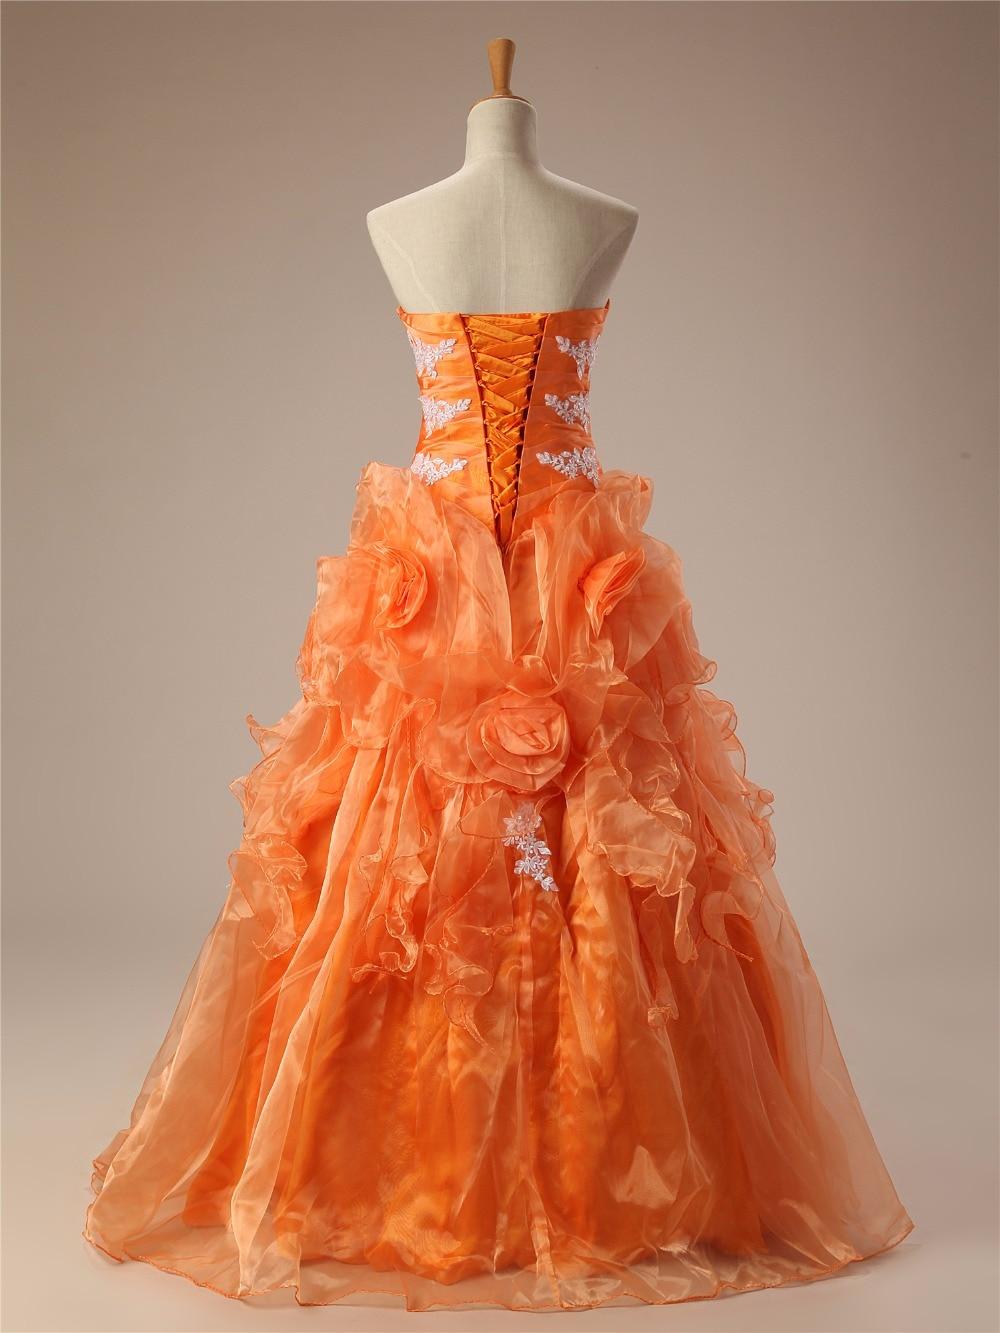 Cheap Quinceanera Dresses Orange Sweetheart Appliques Lace Vestidos De 15 Anos Ball Gown Sweet 16 Dresses Debutante Gown - 2